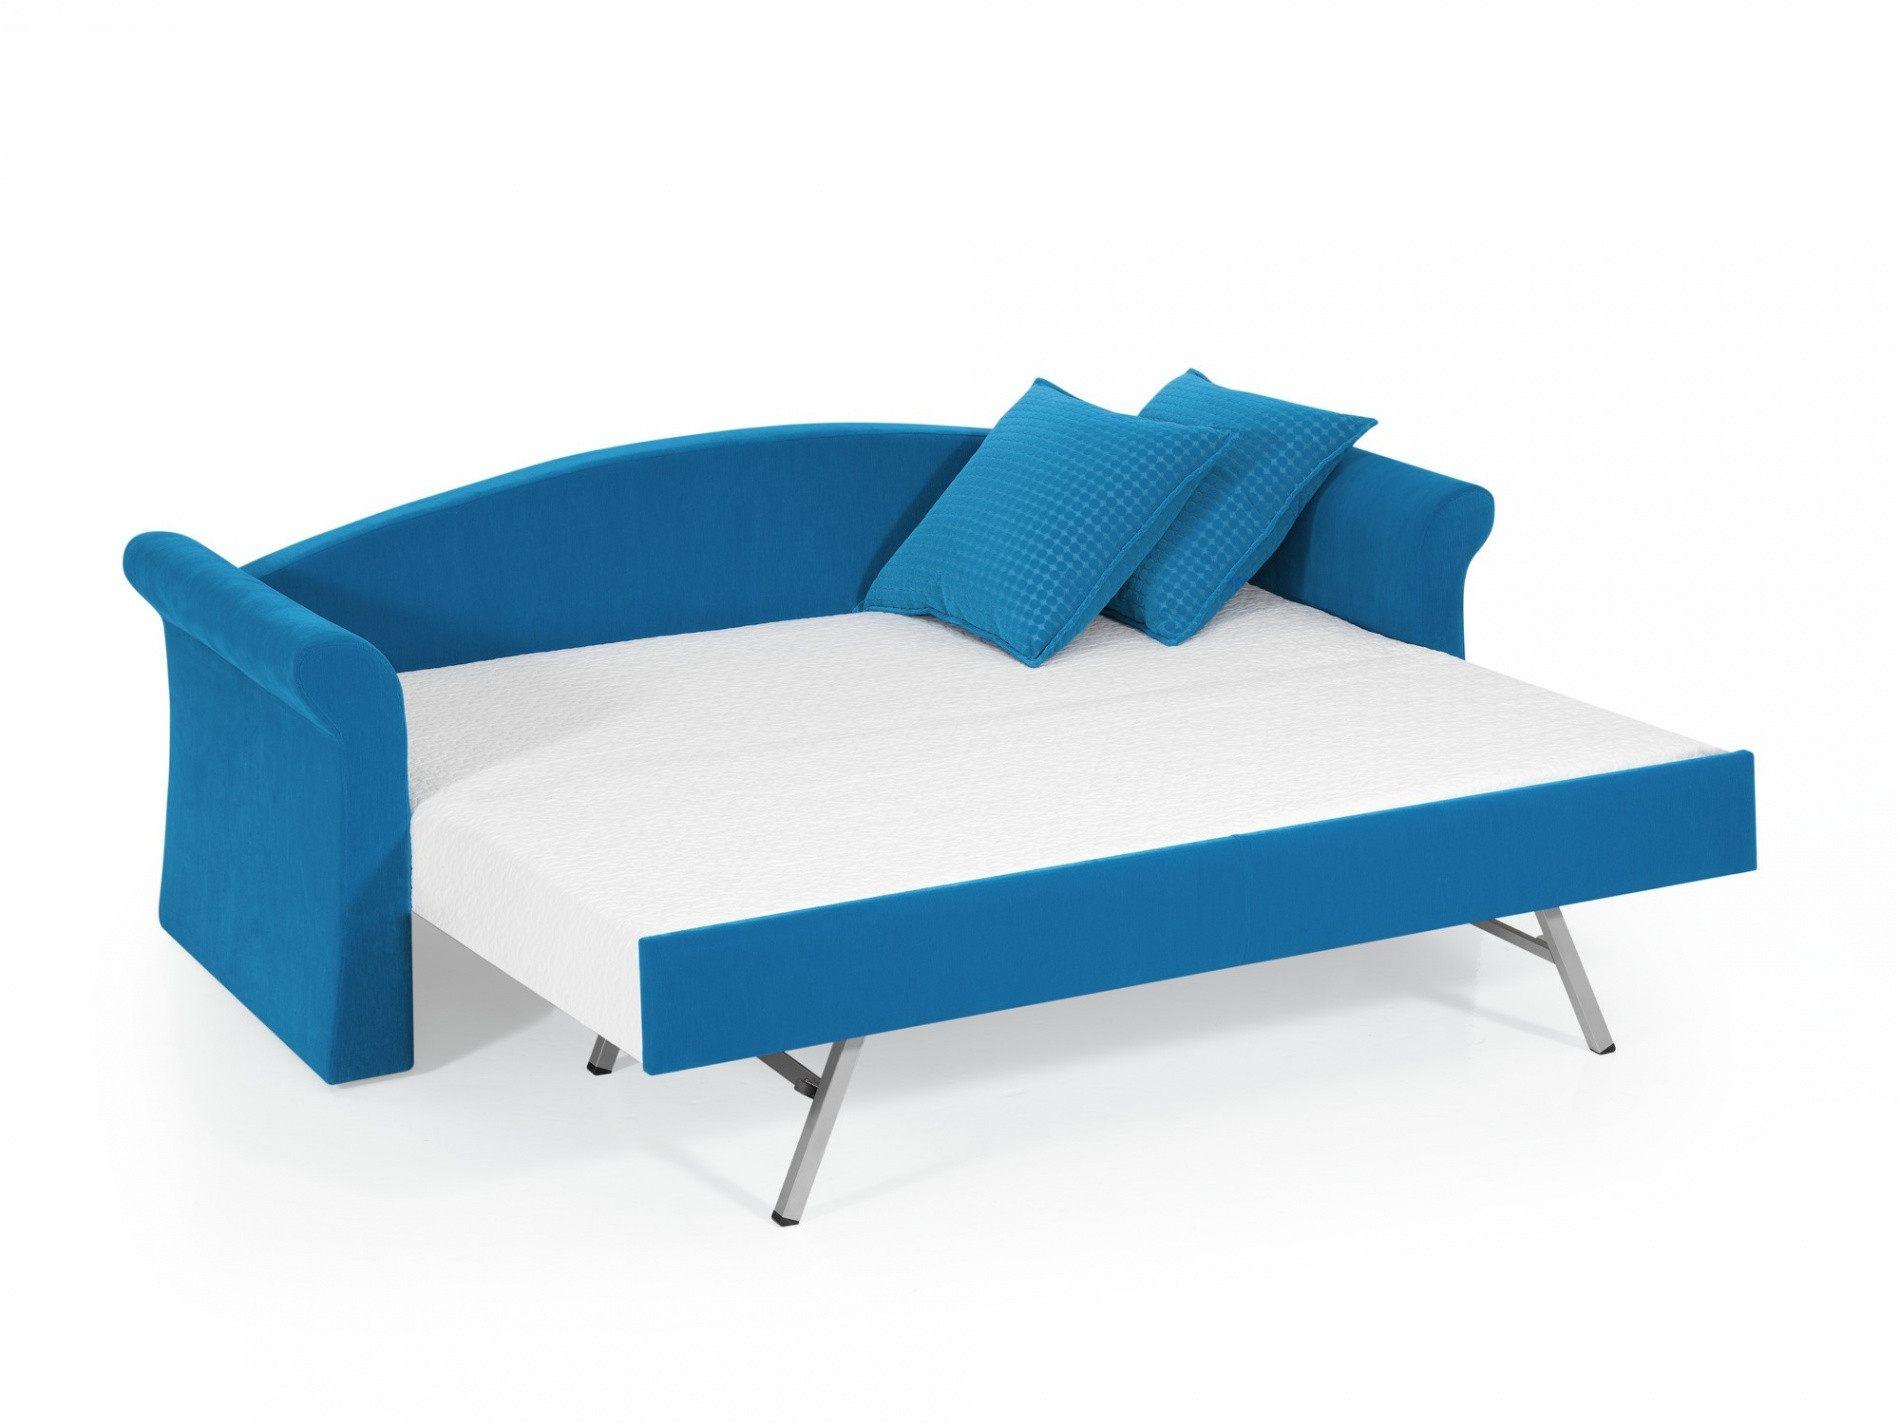 35 Frais Canapé Lit Couchage Quoti n Ikea Inspirations